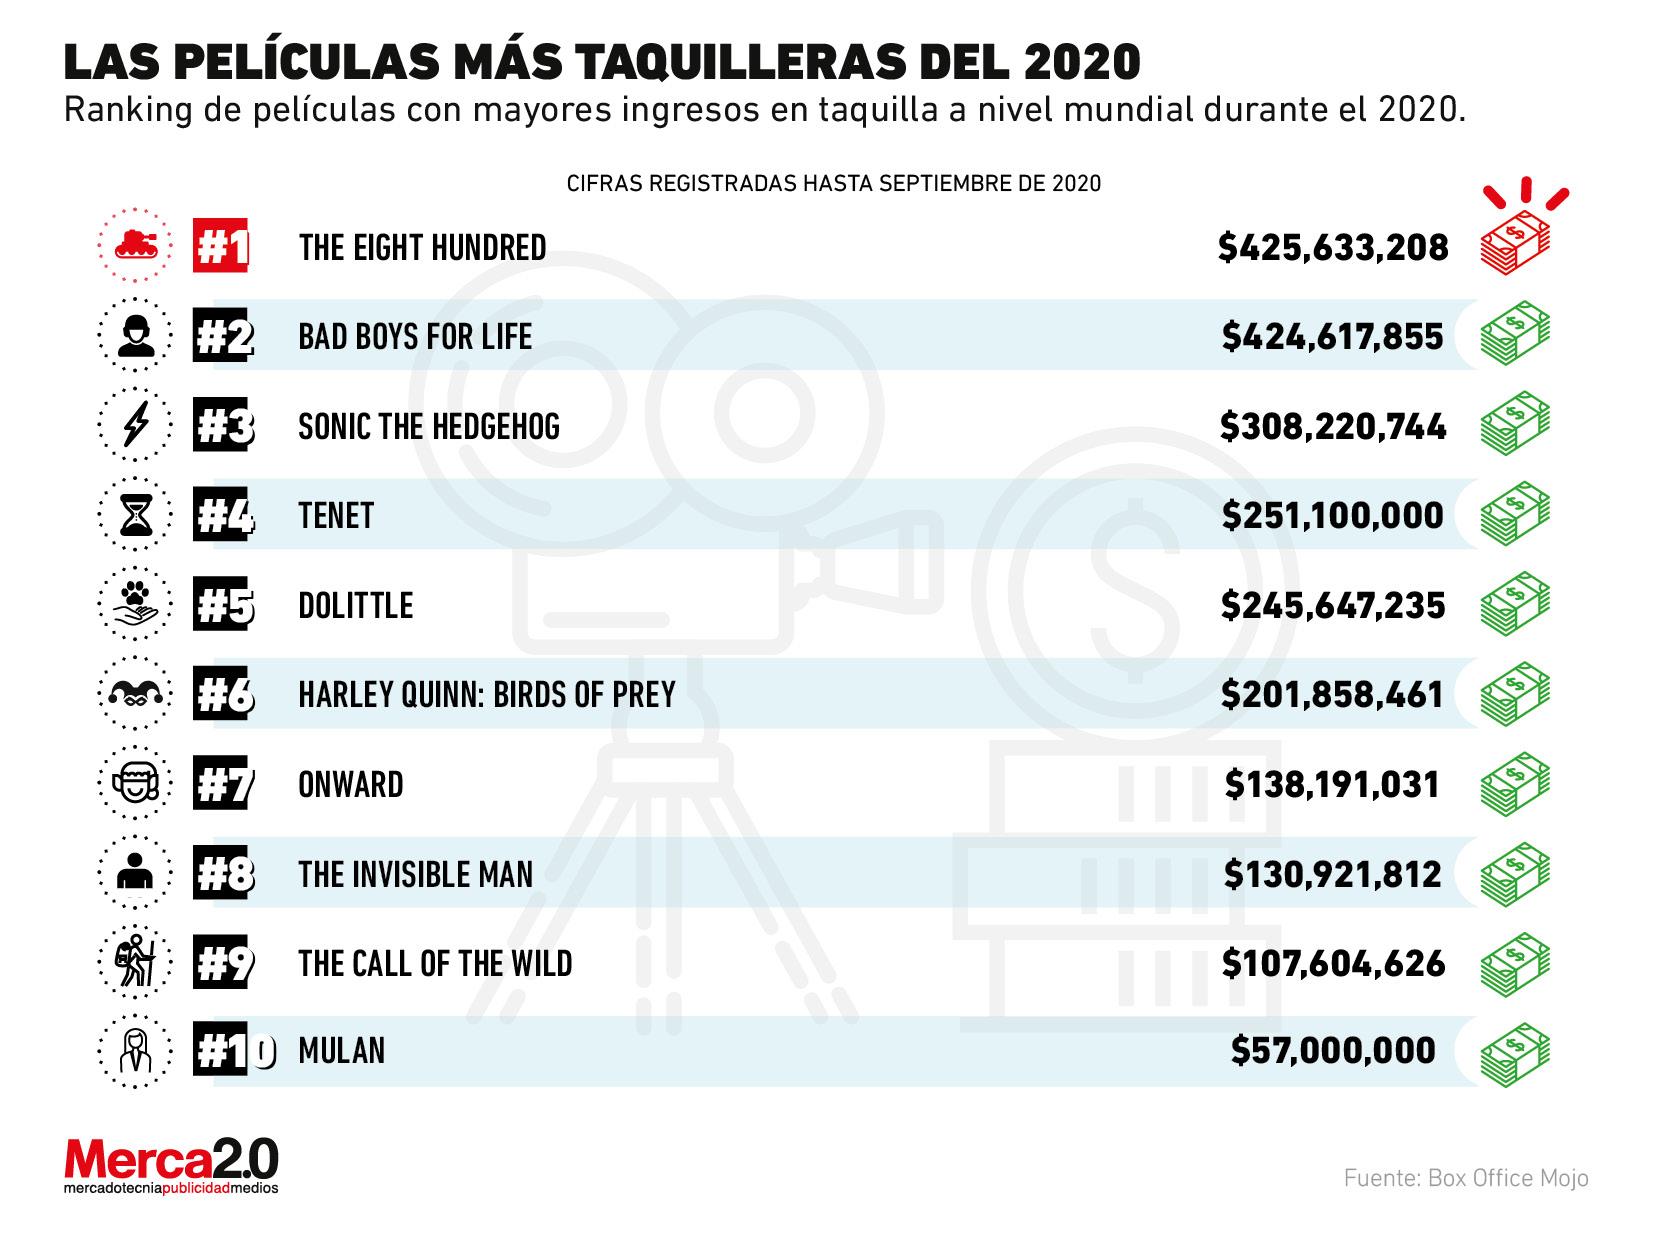 Estas son las películas que están dominando las taquillas disponibles en este 2020